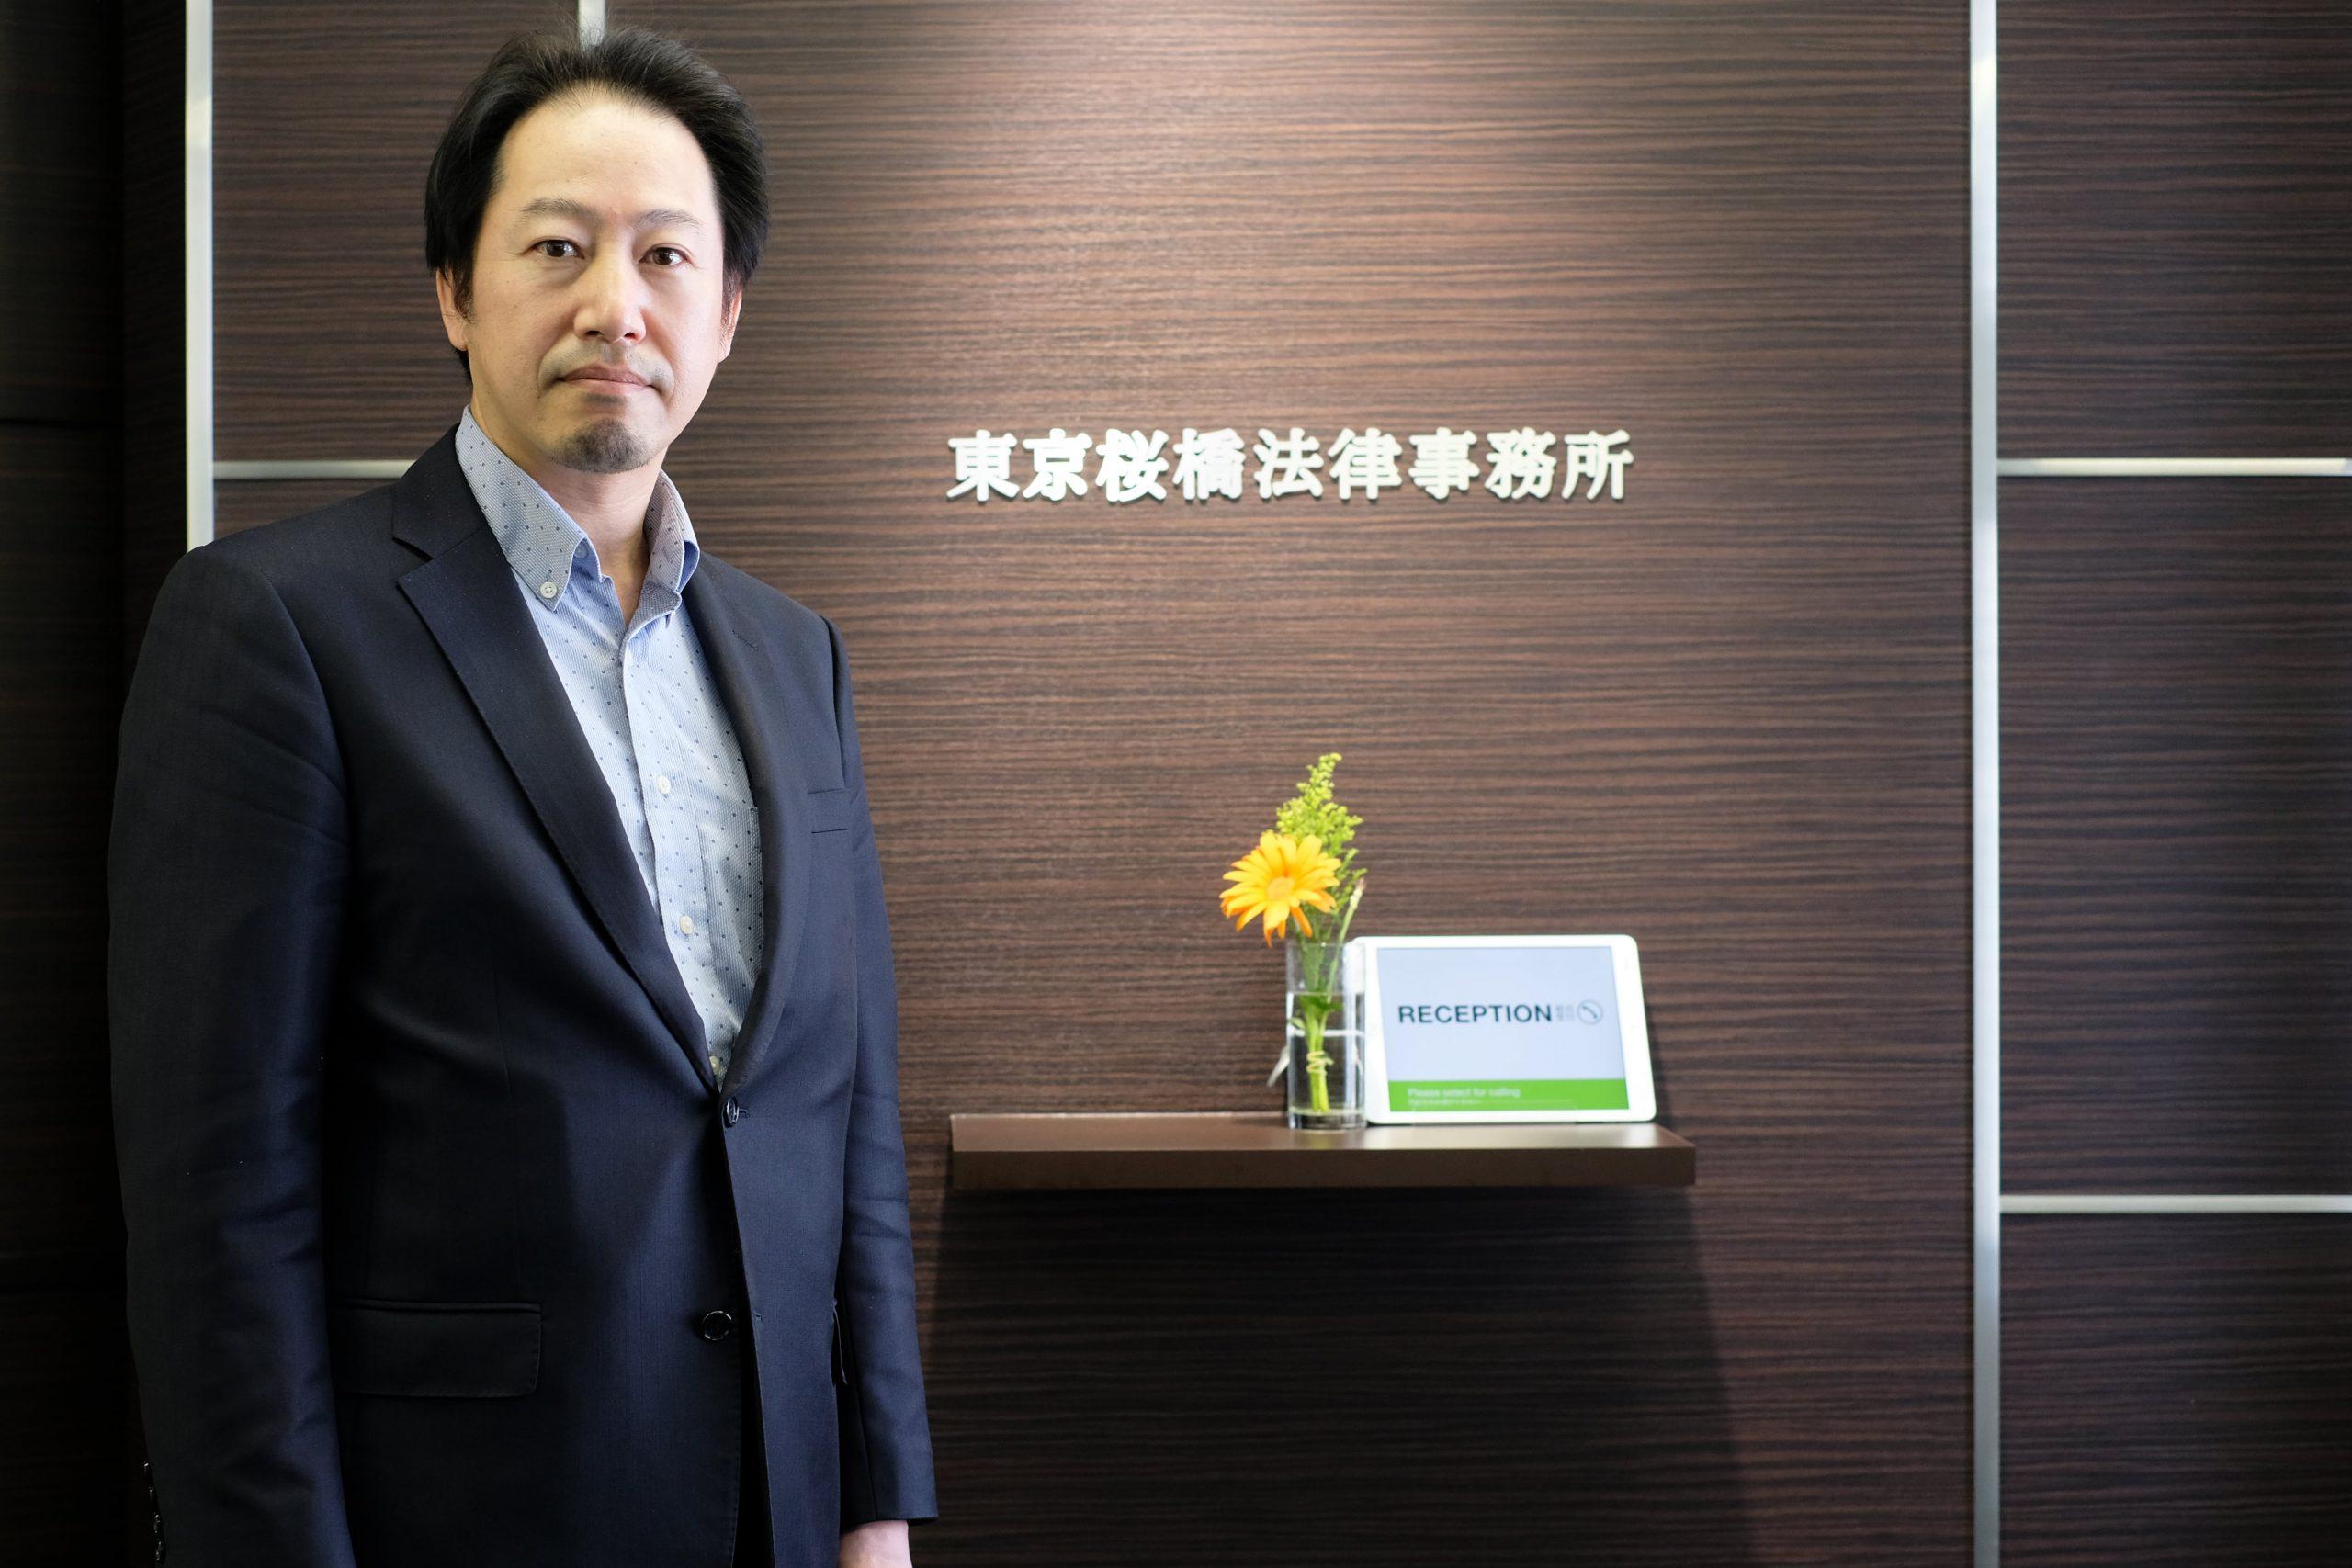 豊田 賢治さんの写真